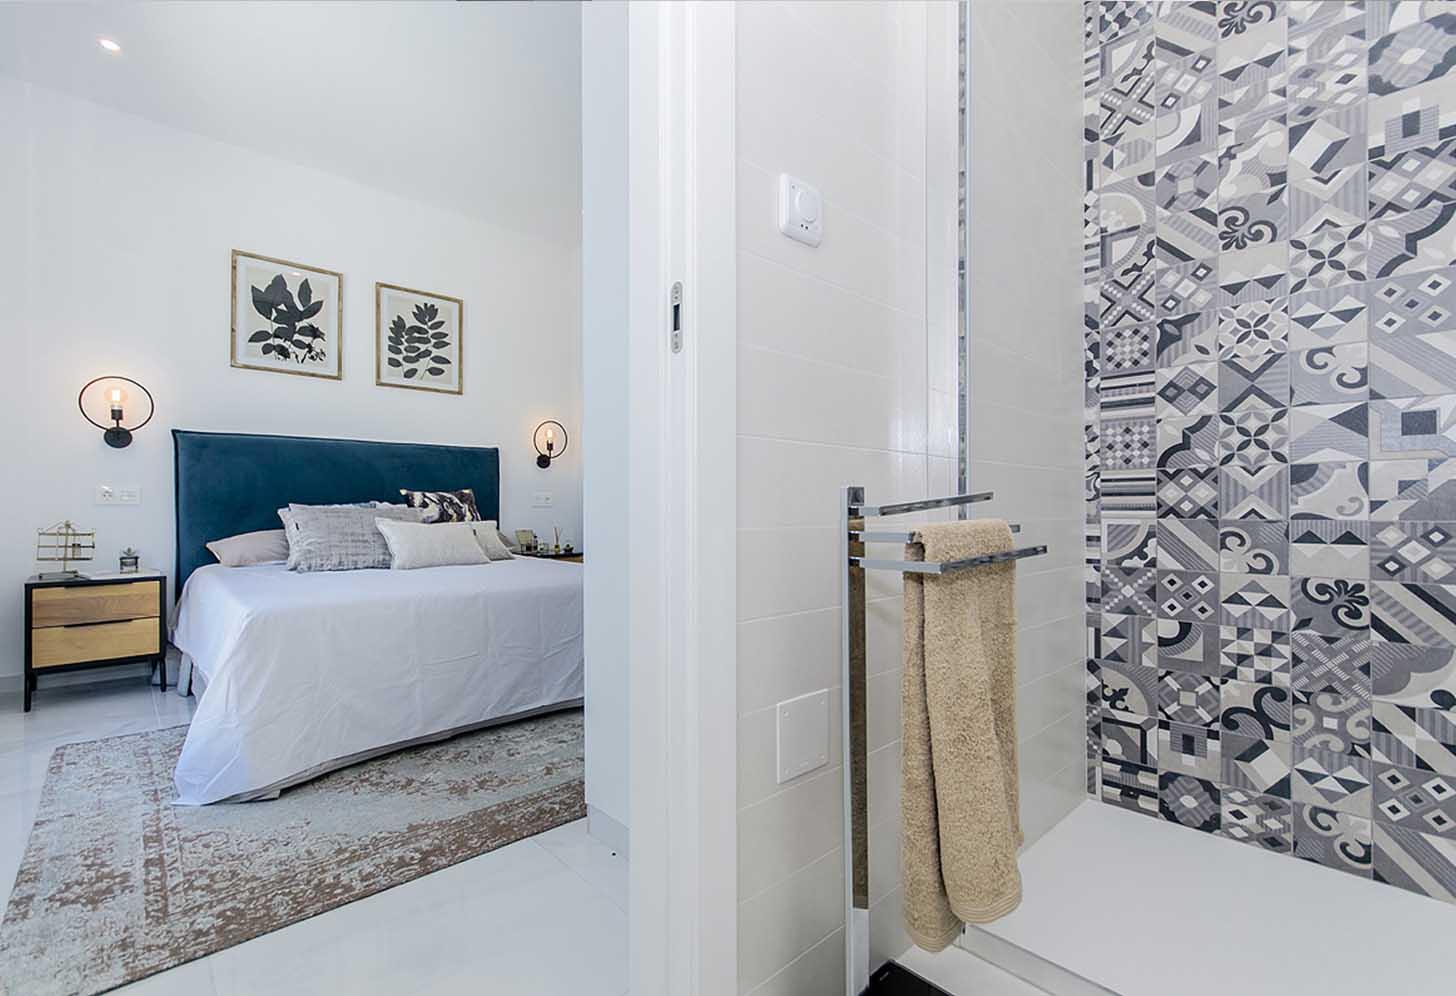 immobilier neuf espagne costa blanca on-f3 don benito bigastro chambre